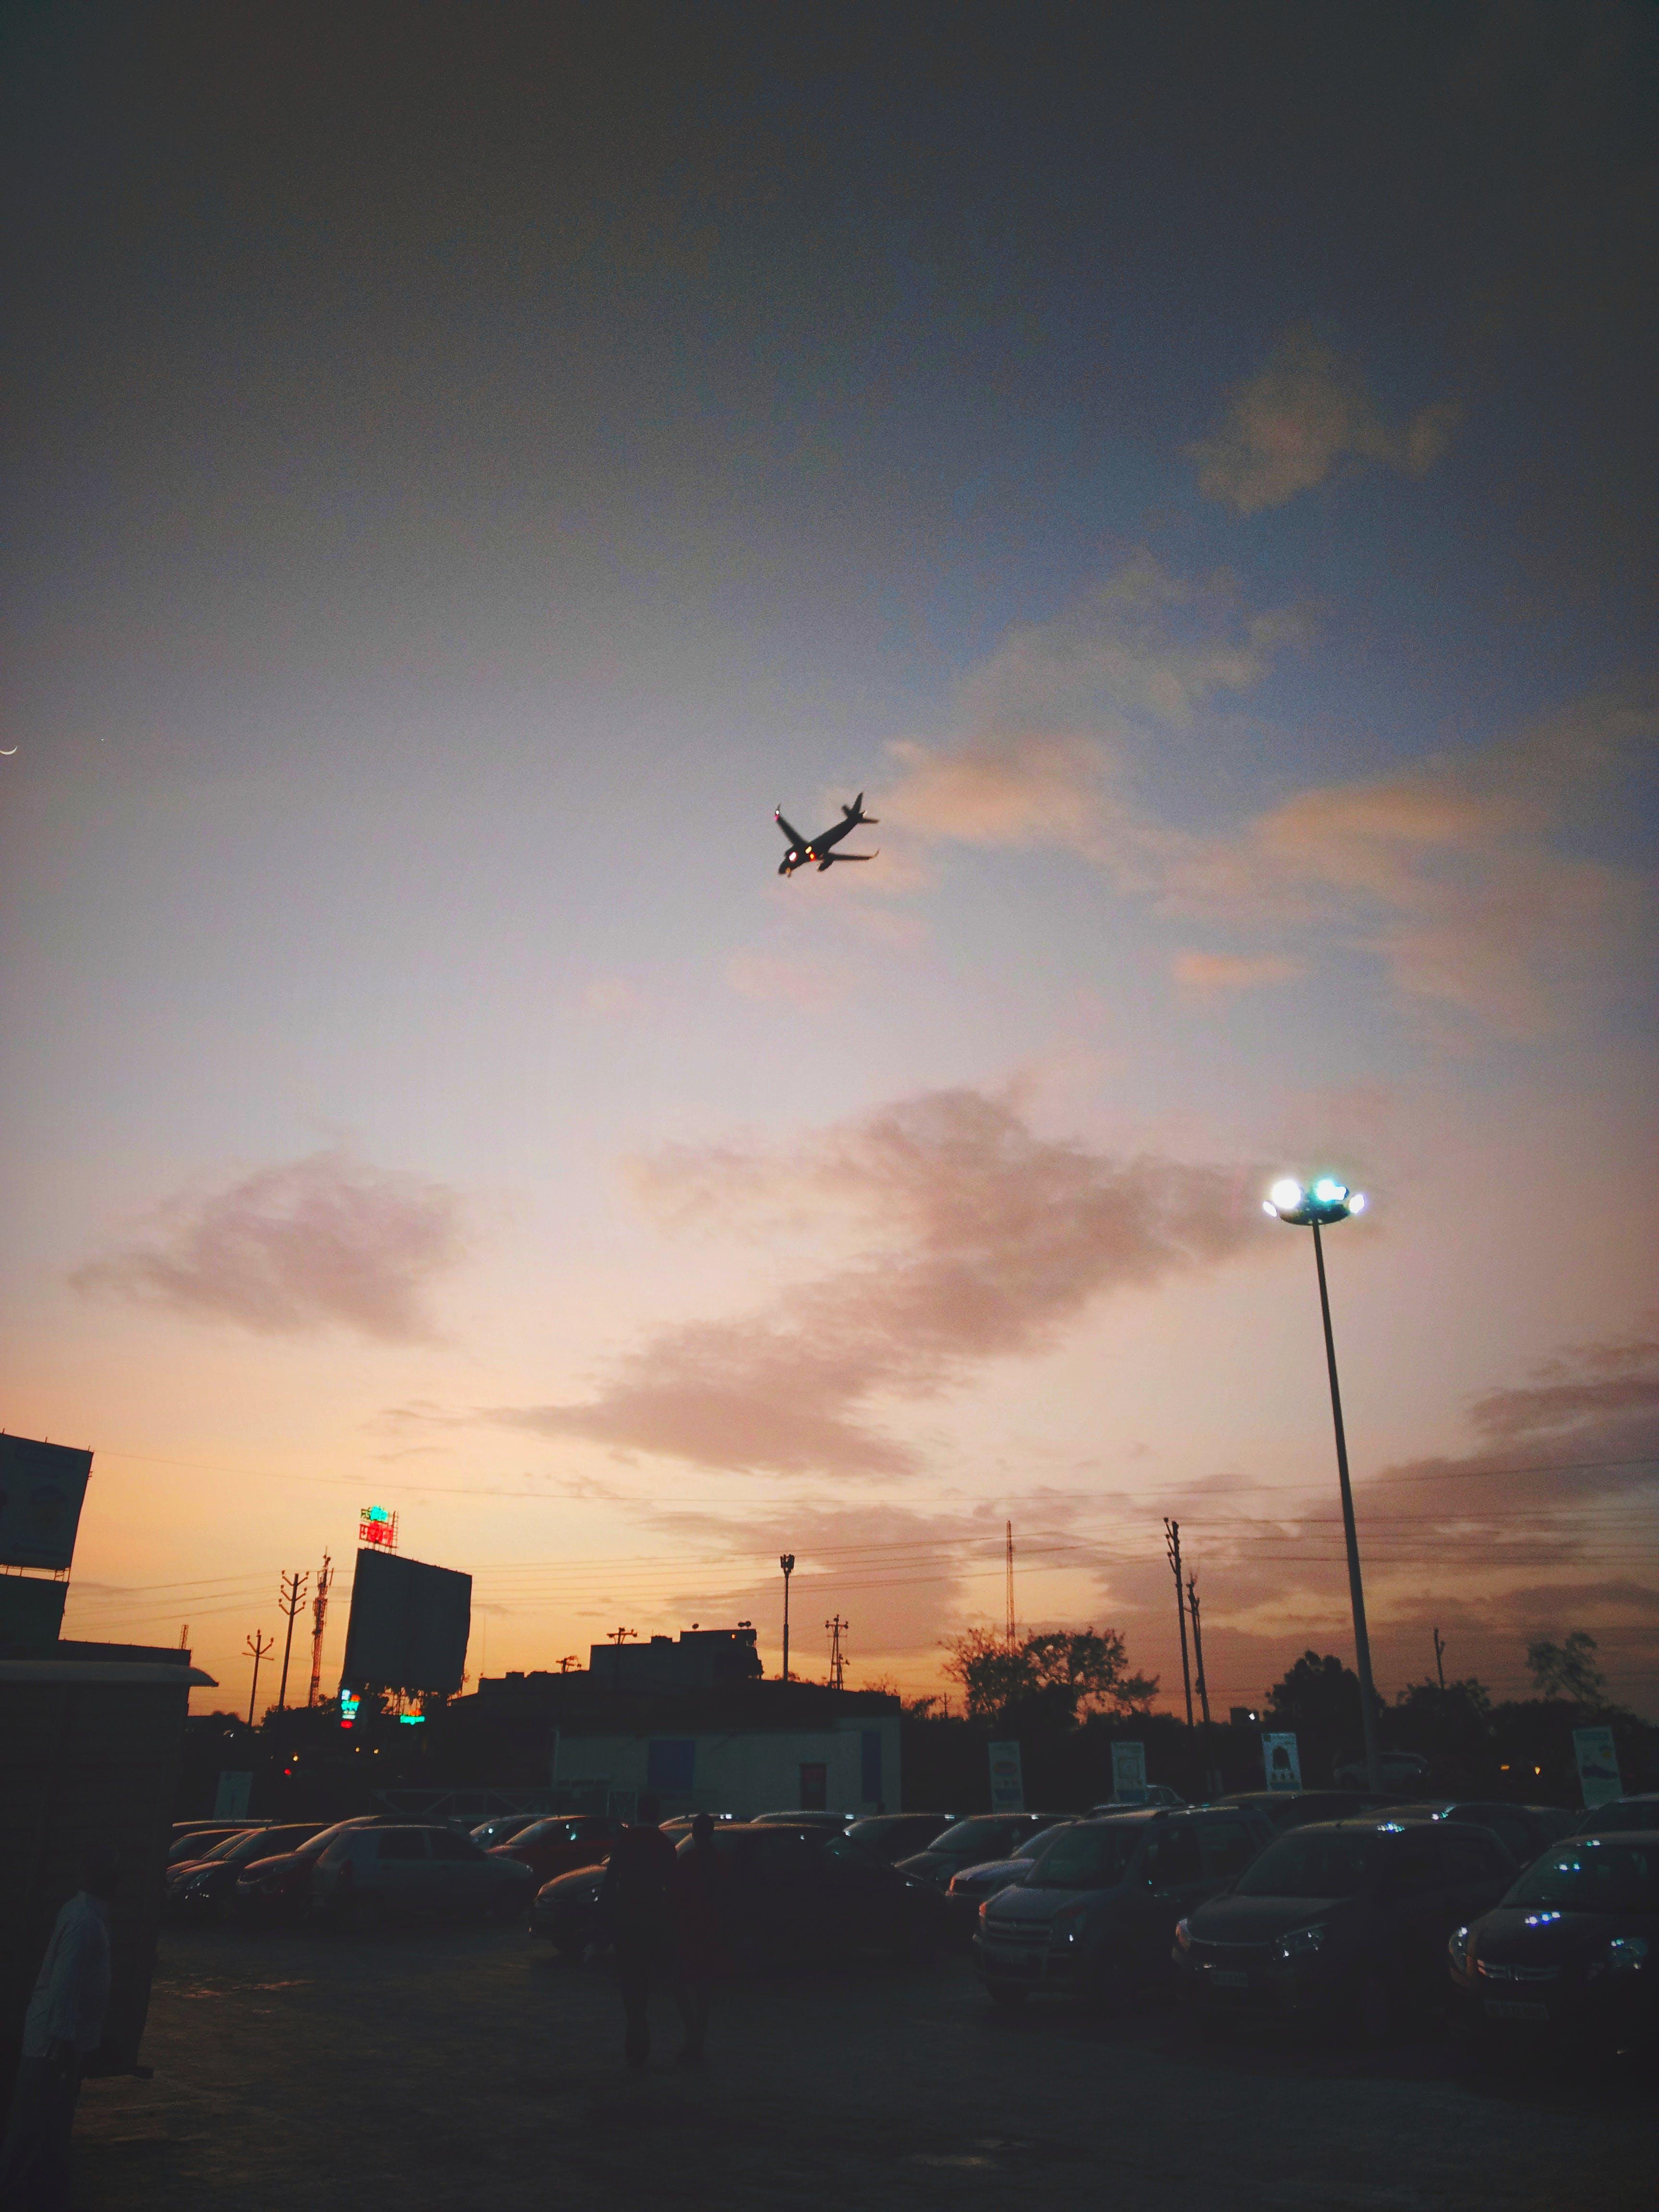 Kostnadsfri bild av ambition, anslagstavla, bilar, blå himmel